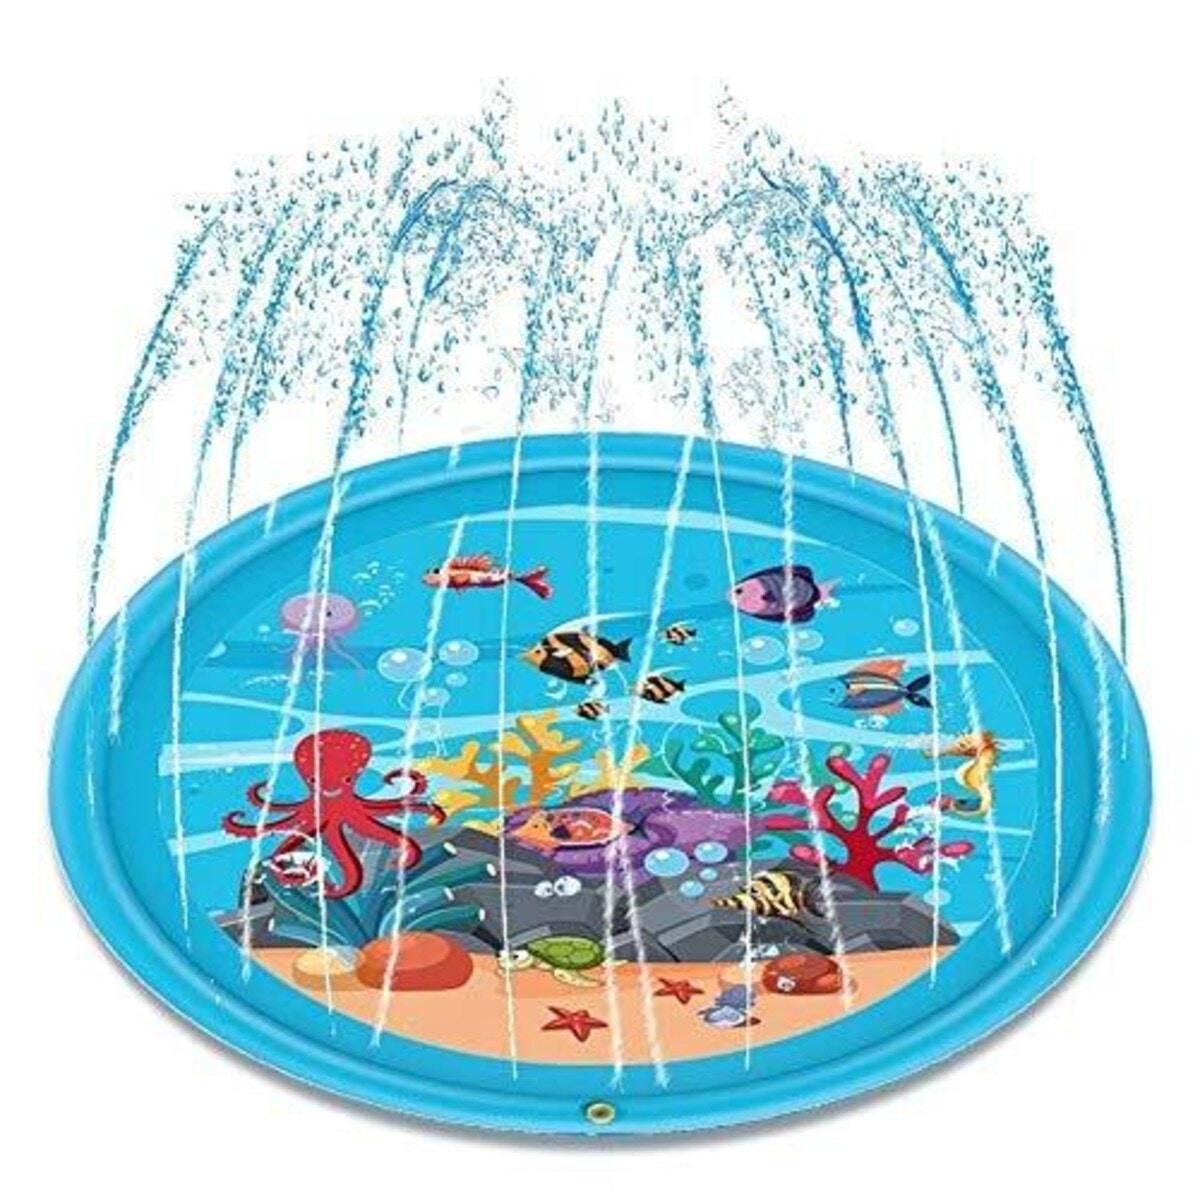 噴水マット(170cm)